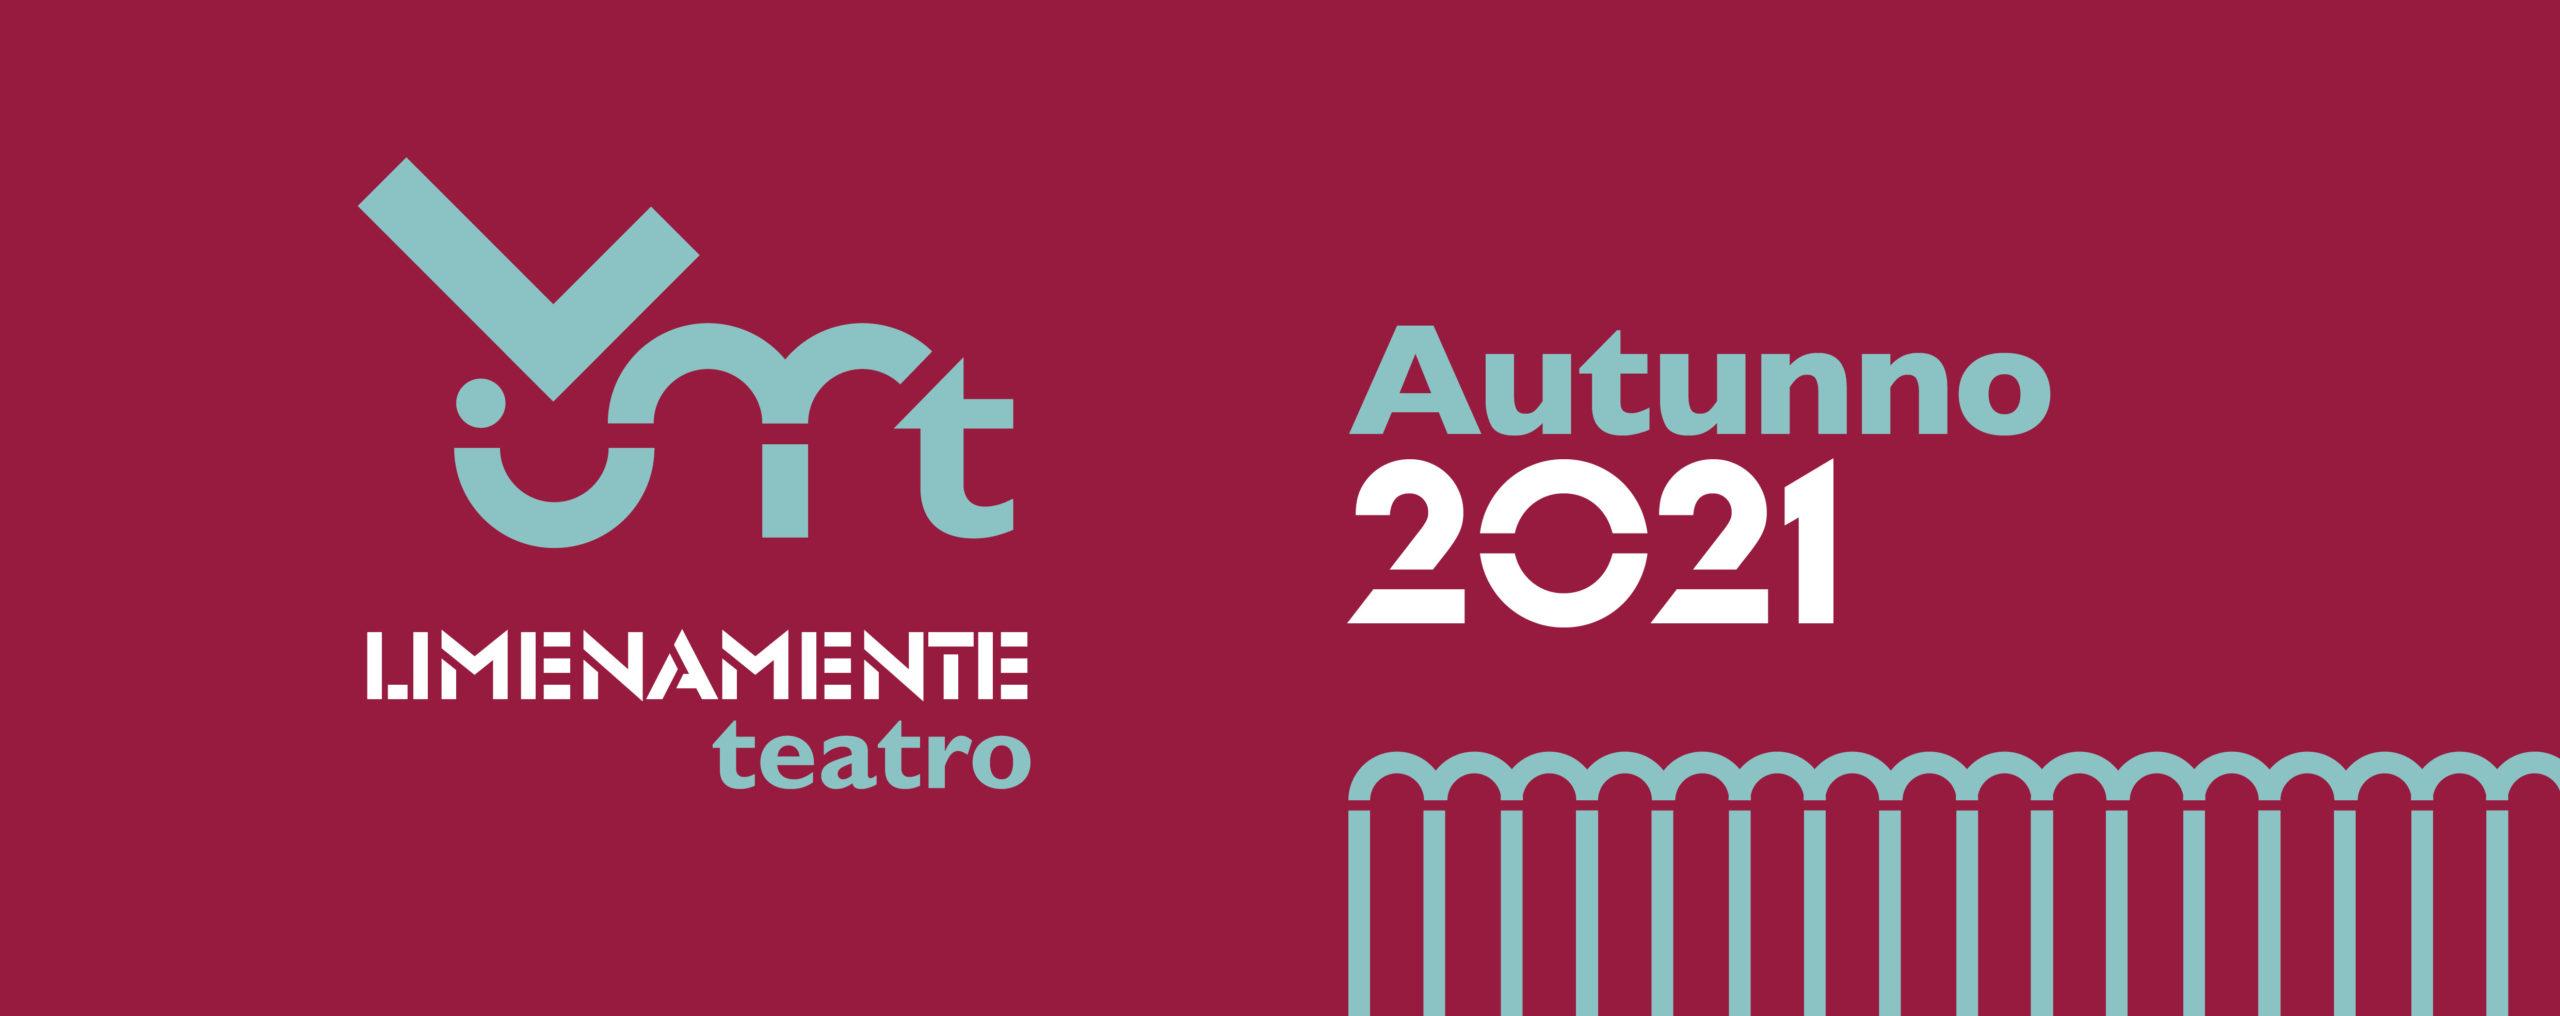 LIMENAMENTE TEATRO autunno 2021